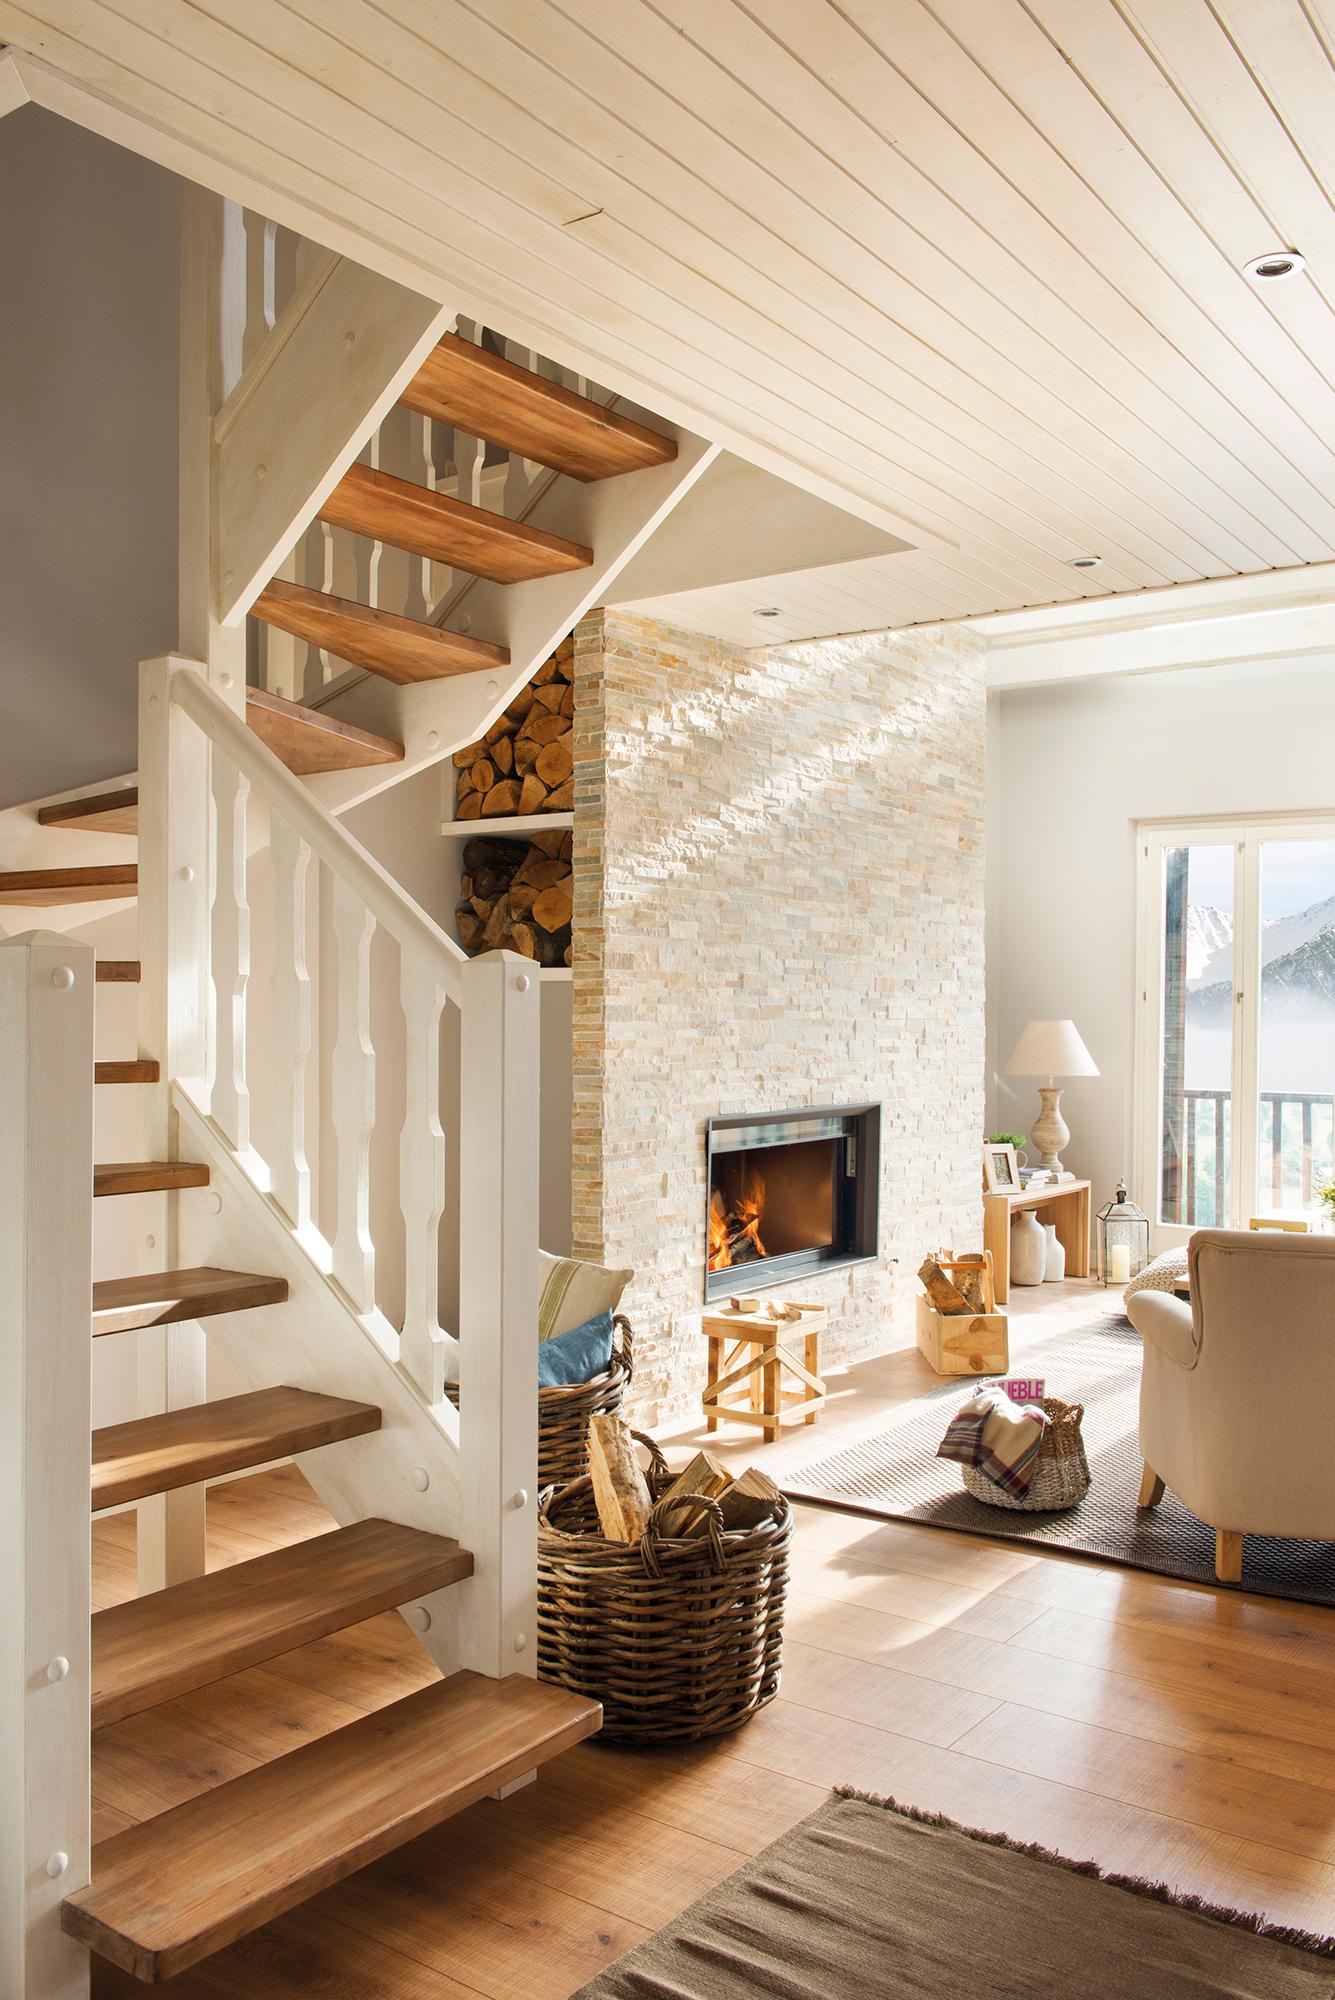 Escaleras c mo planificarlas con acierto for Escaleras de madera sencillas